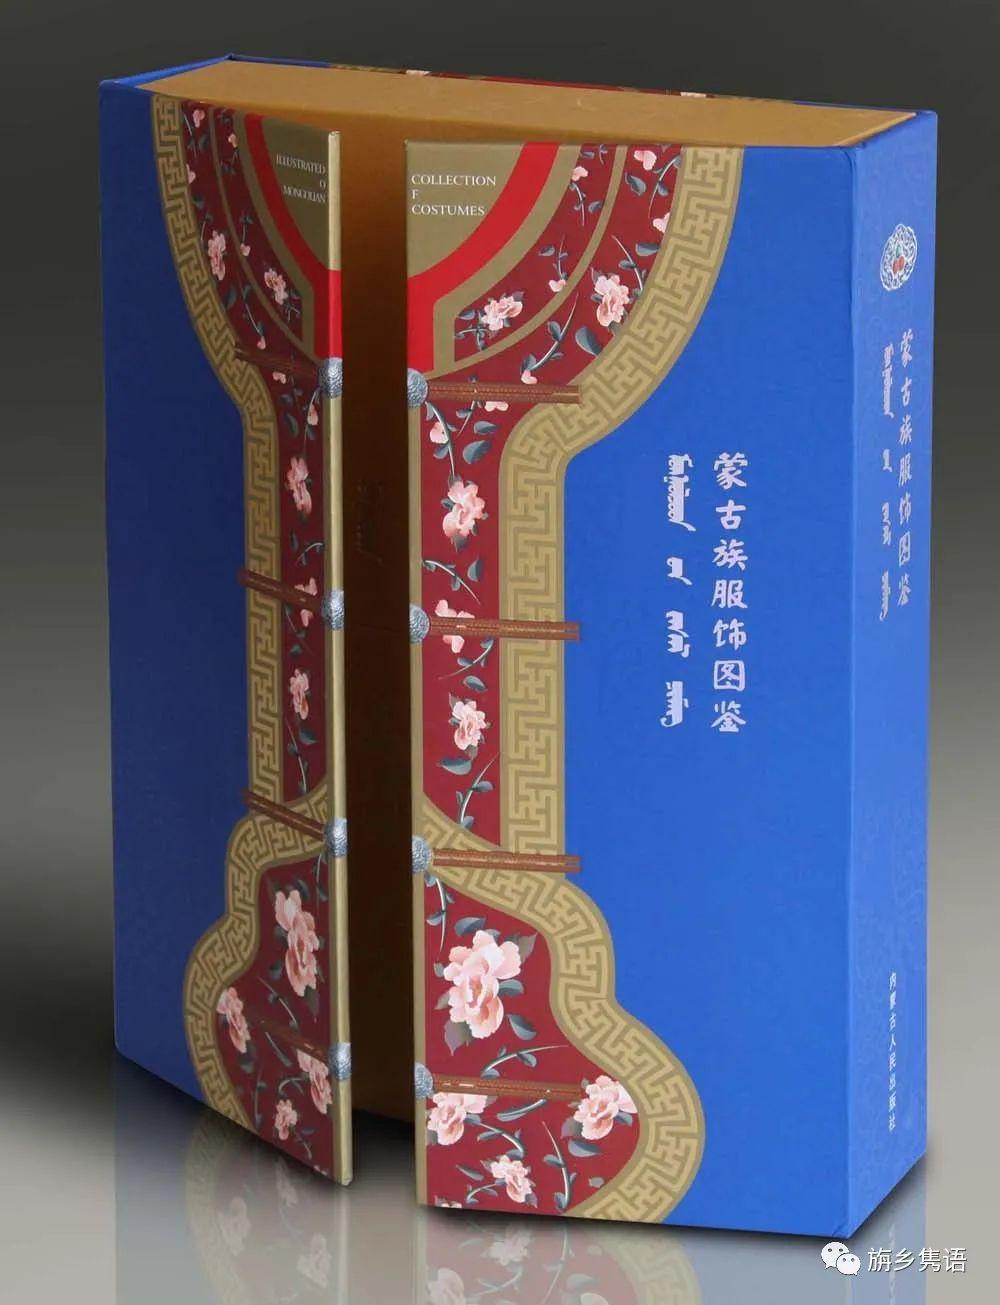 那仁夫谈民族文化与艺术创作 第4张 那仁夫谈民族文化与艺术创作 蒙古画廊